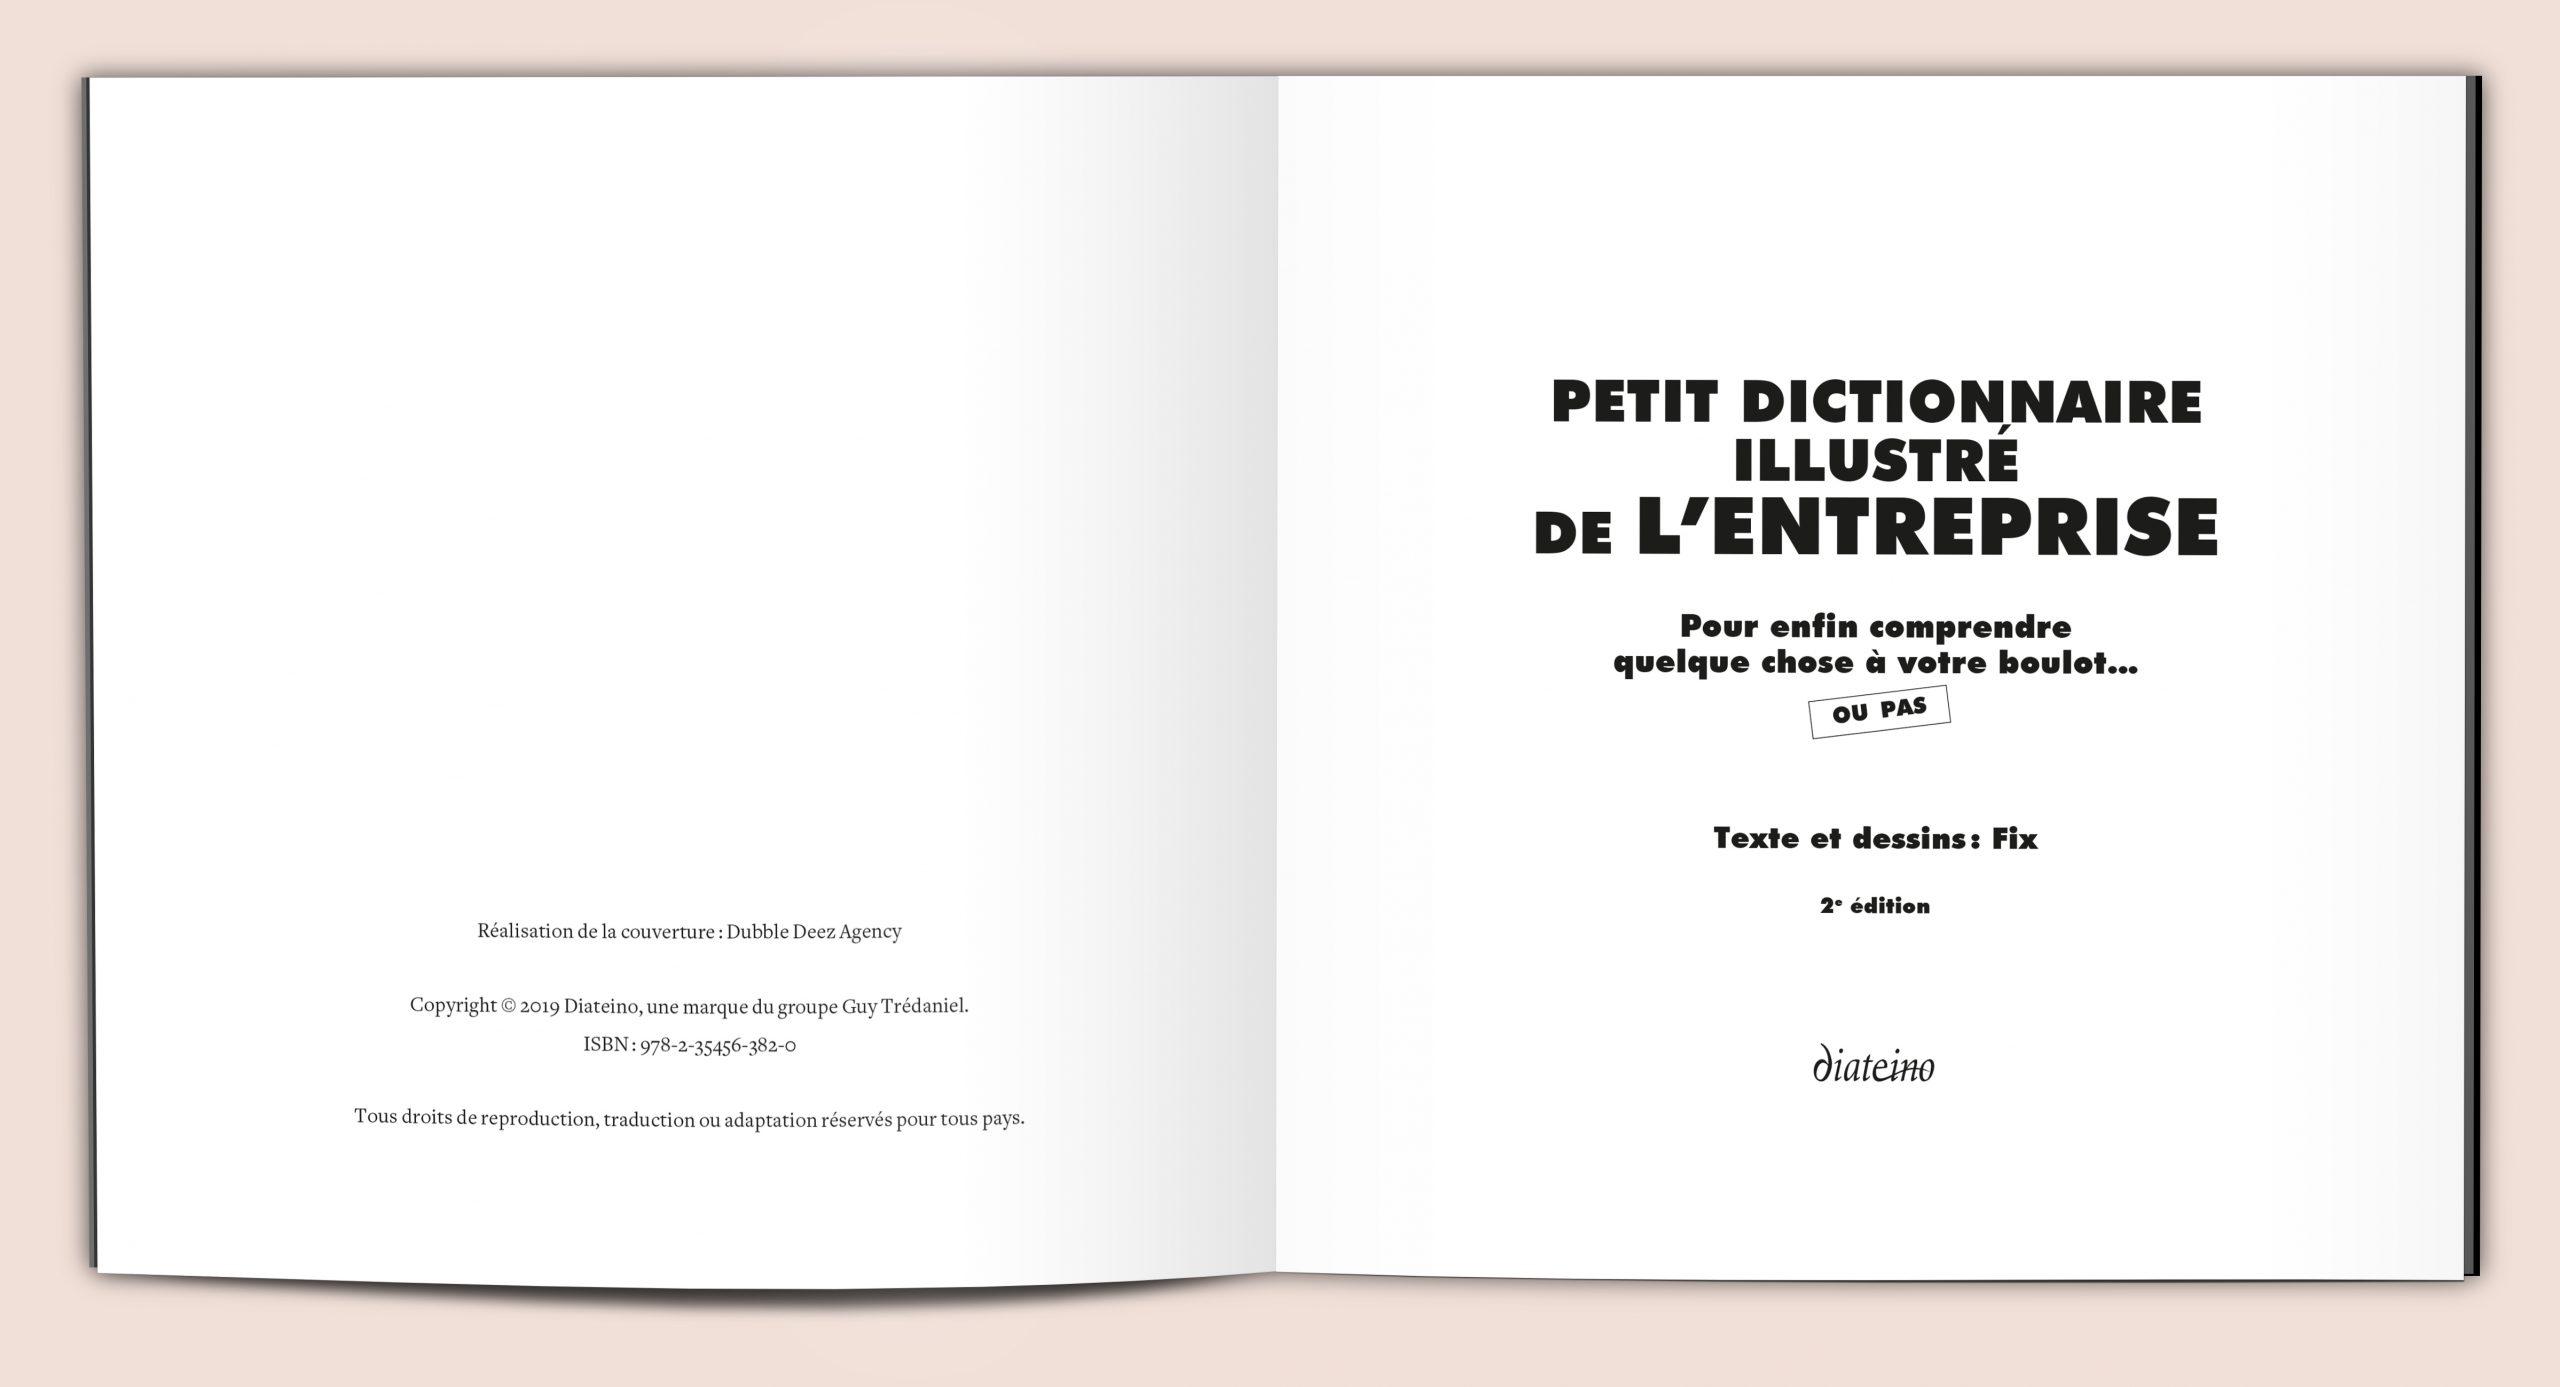 Création de maquette et mise en pages de la réédition du livre Petit dictionnaire illustré de l'entreprise pour l'éditeur Diateino